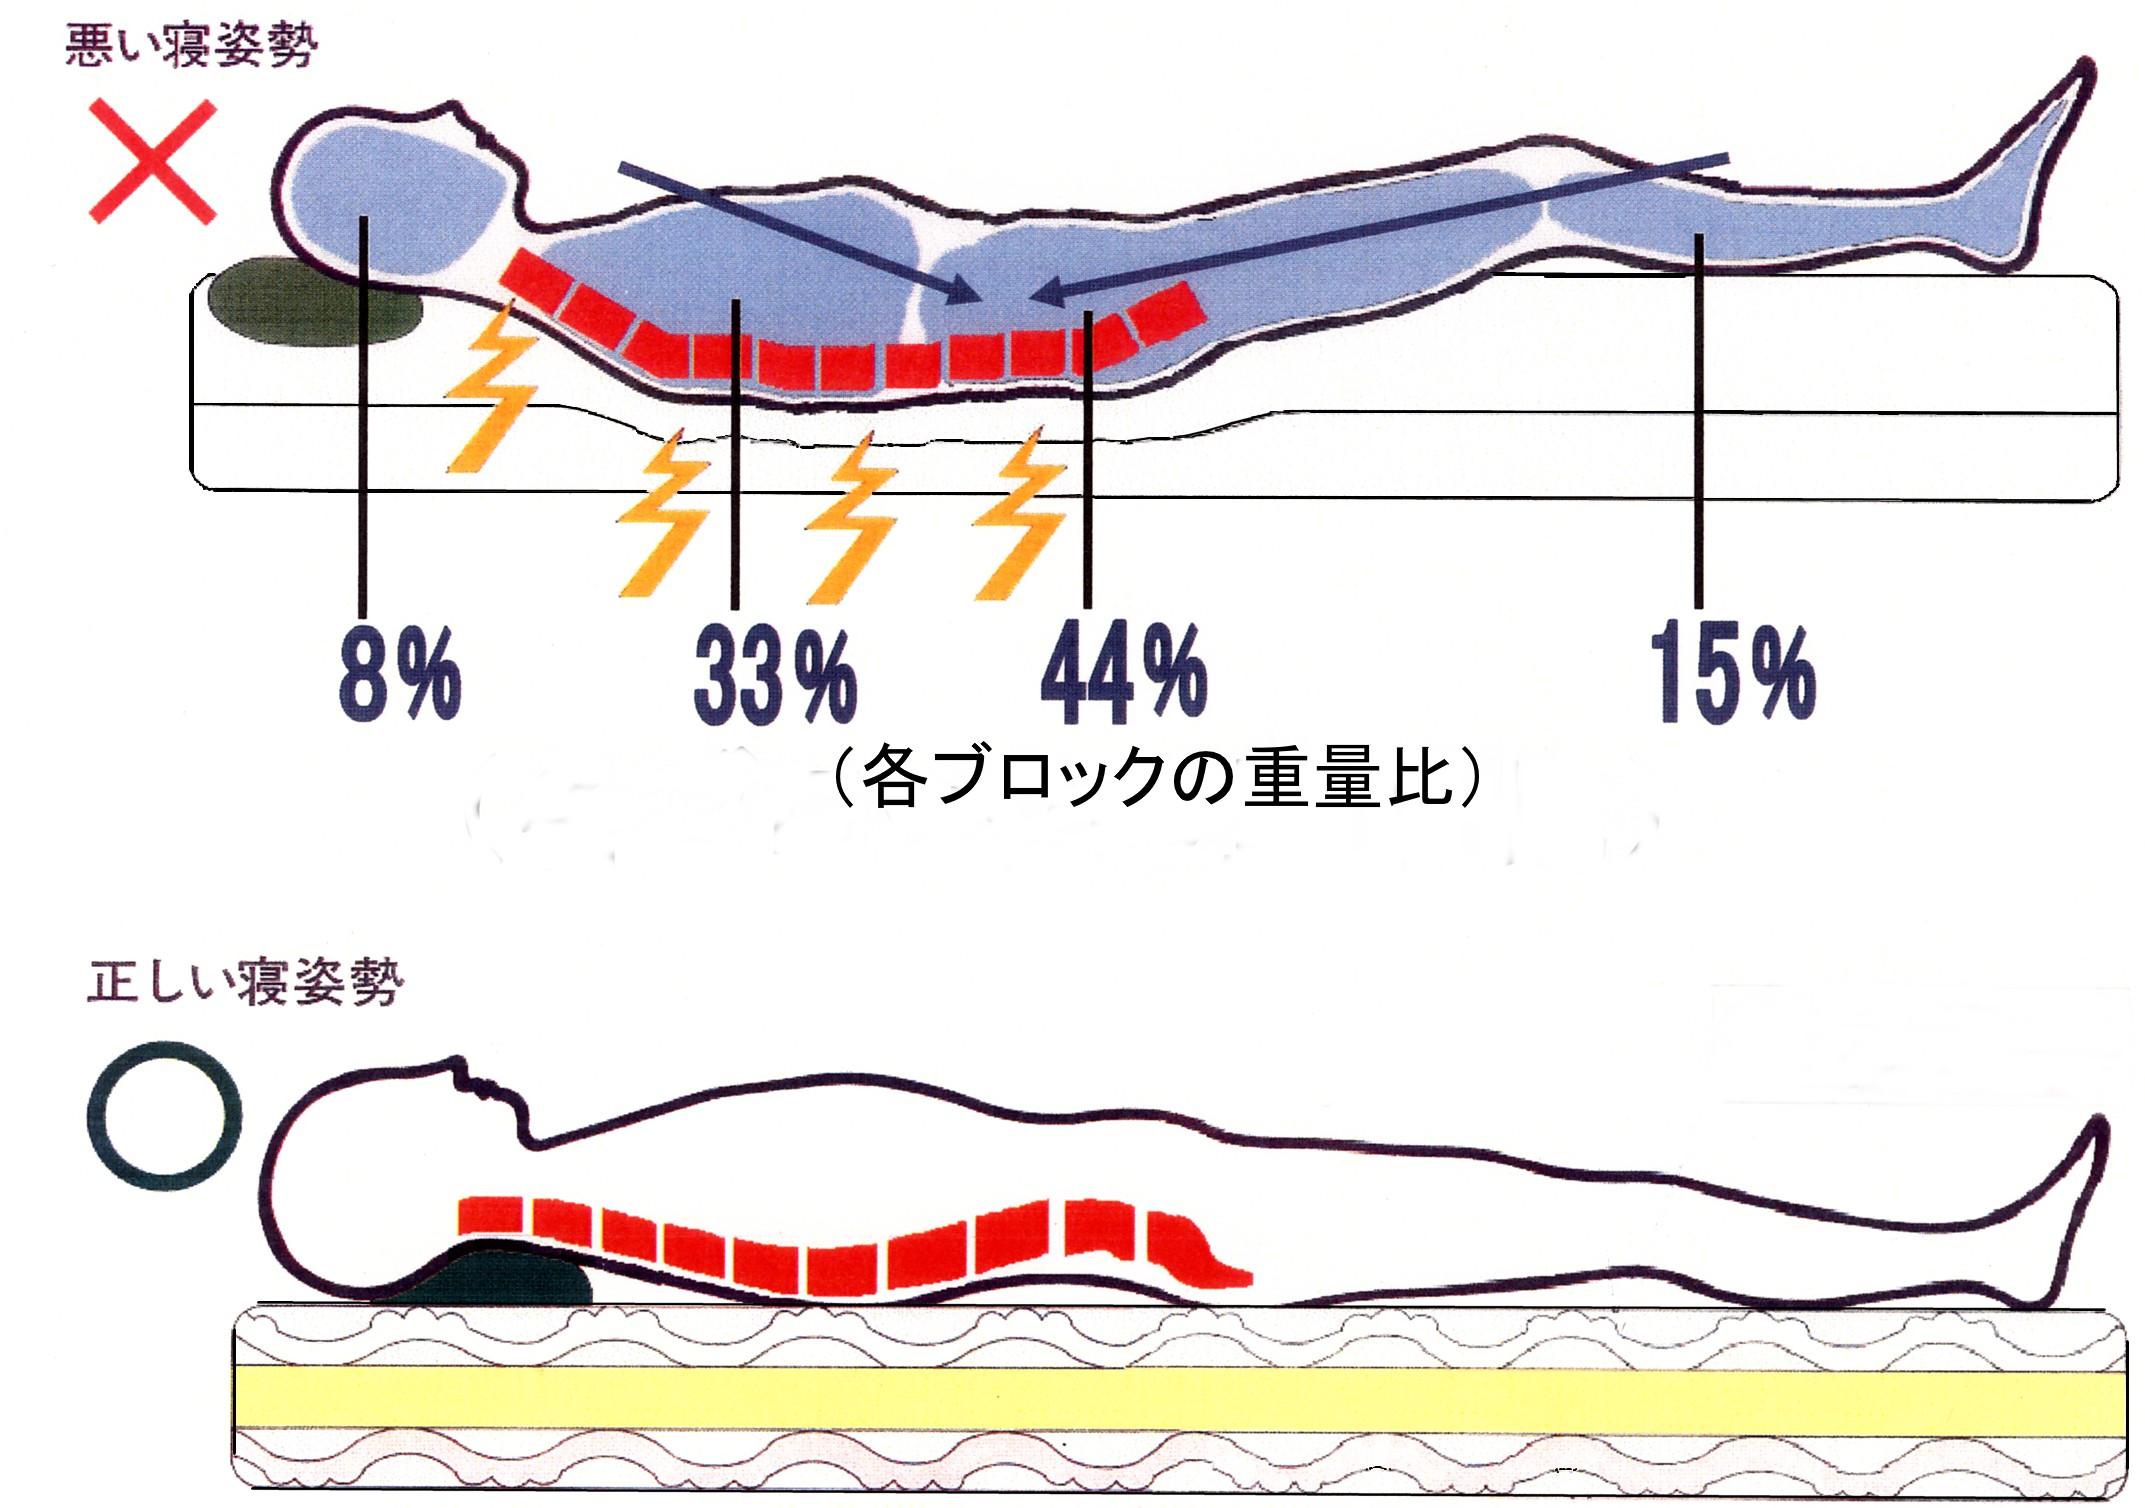 睡眠環境が治癒力に与える影響 : ホロス加藤 札幌 (カイロ ...